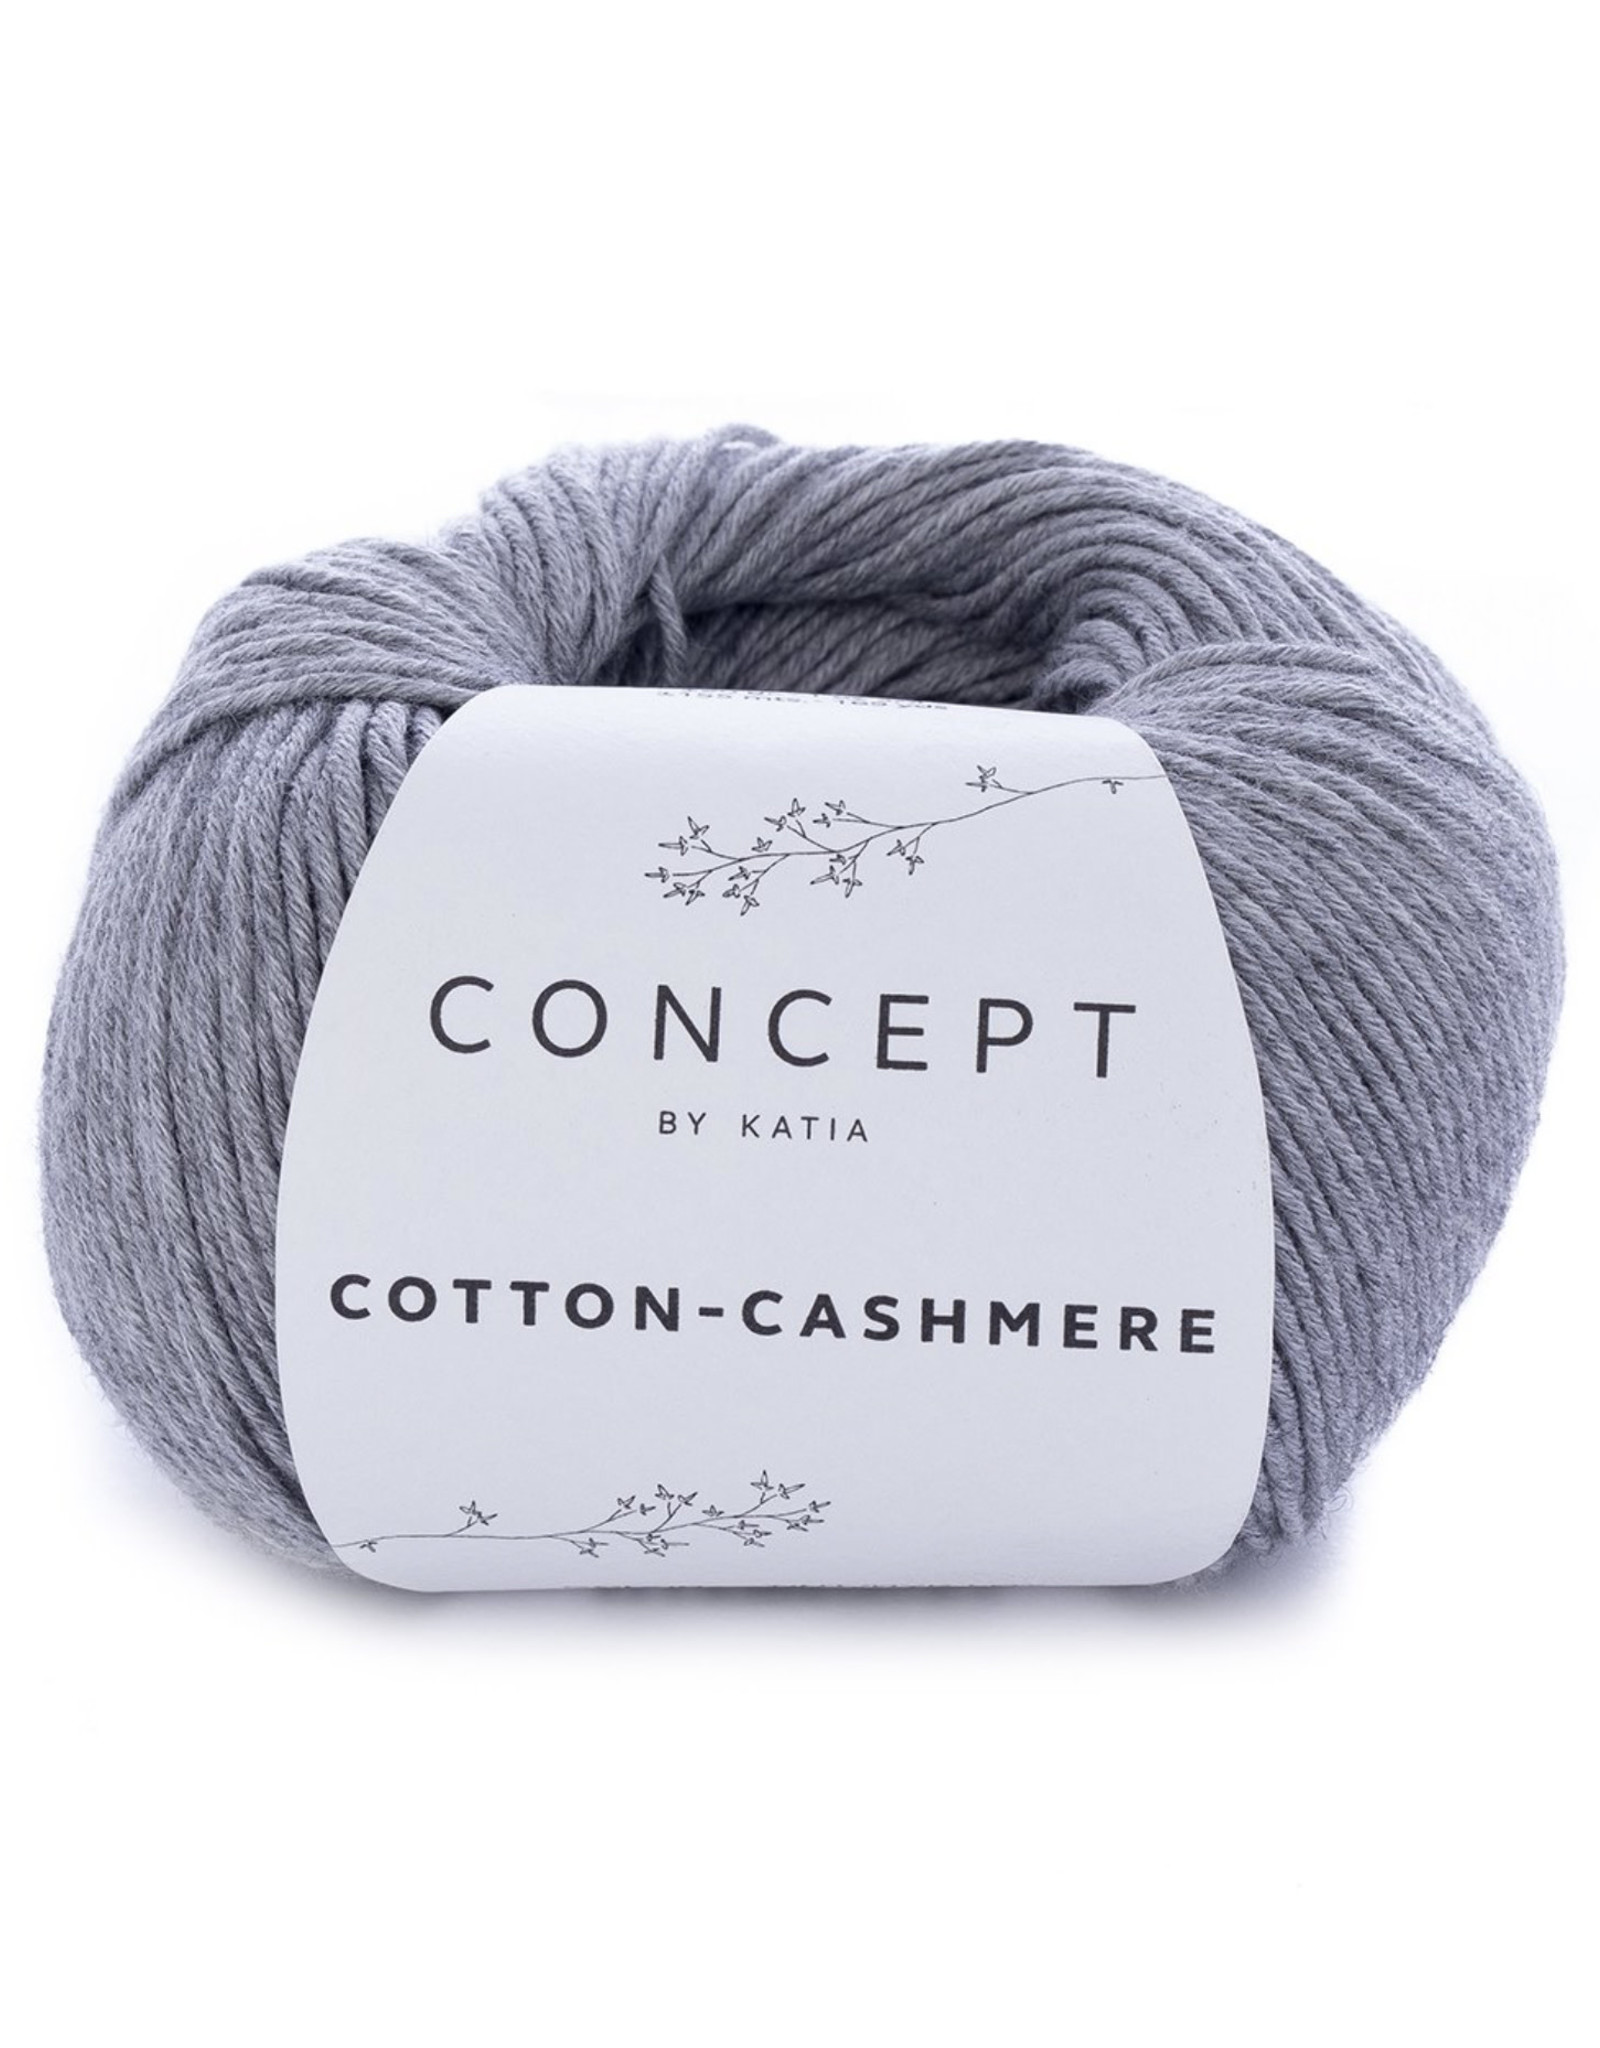 Katia Concept Cotton Cashmere